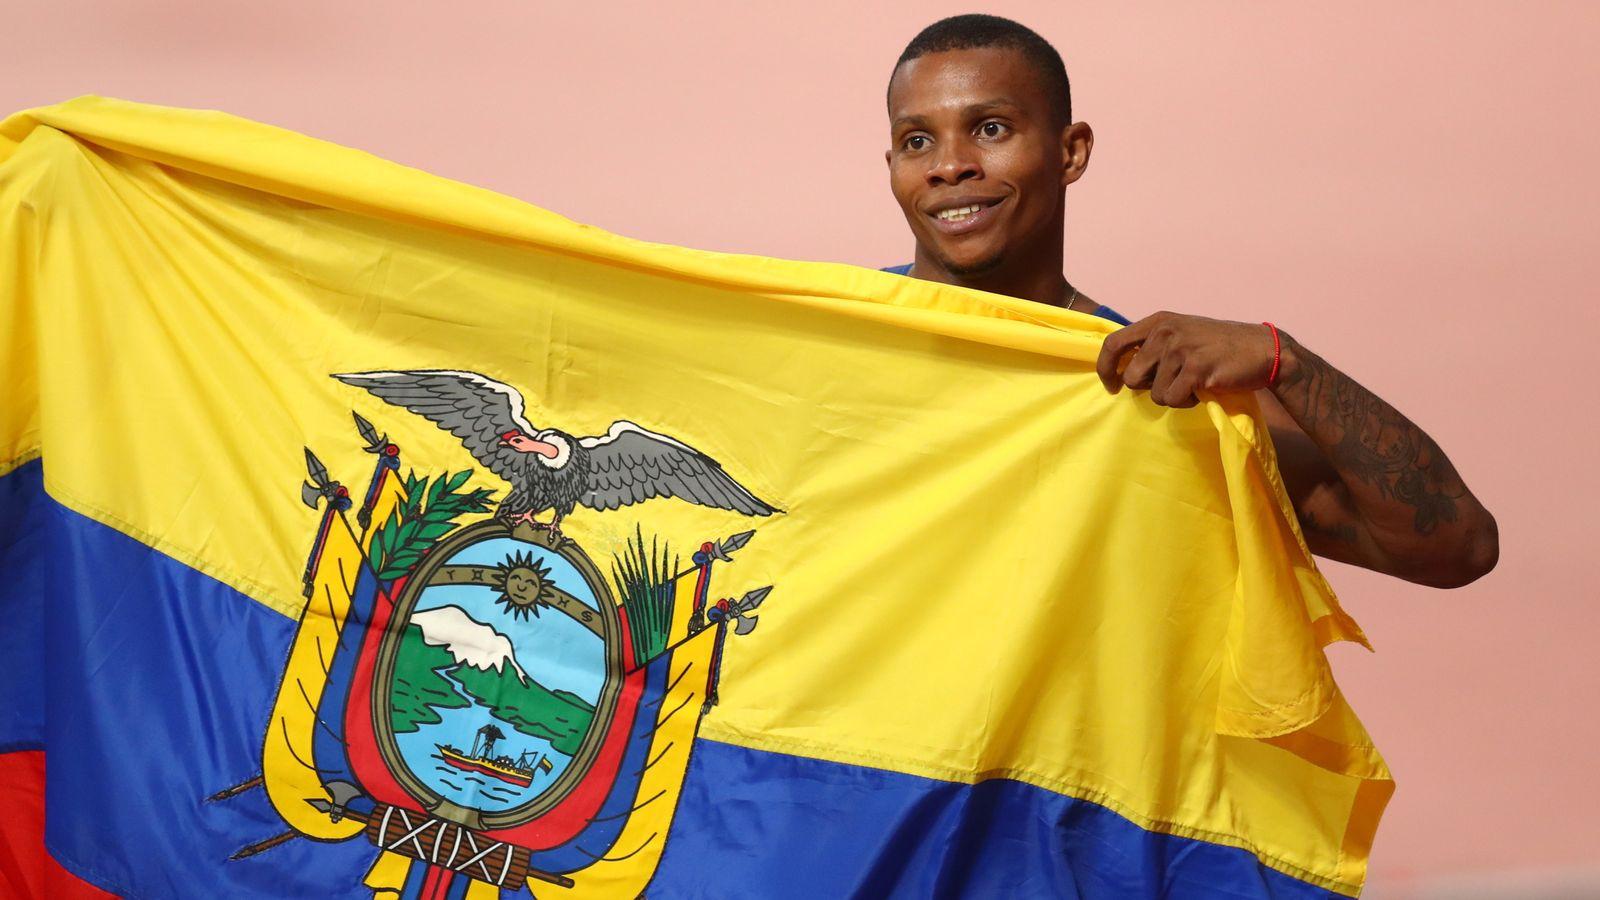 Alex Quinonez: Ecuadorian sprinter who became national hero at London 2012 shot dead - Sky News